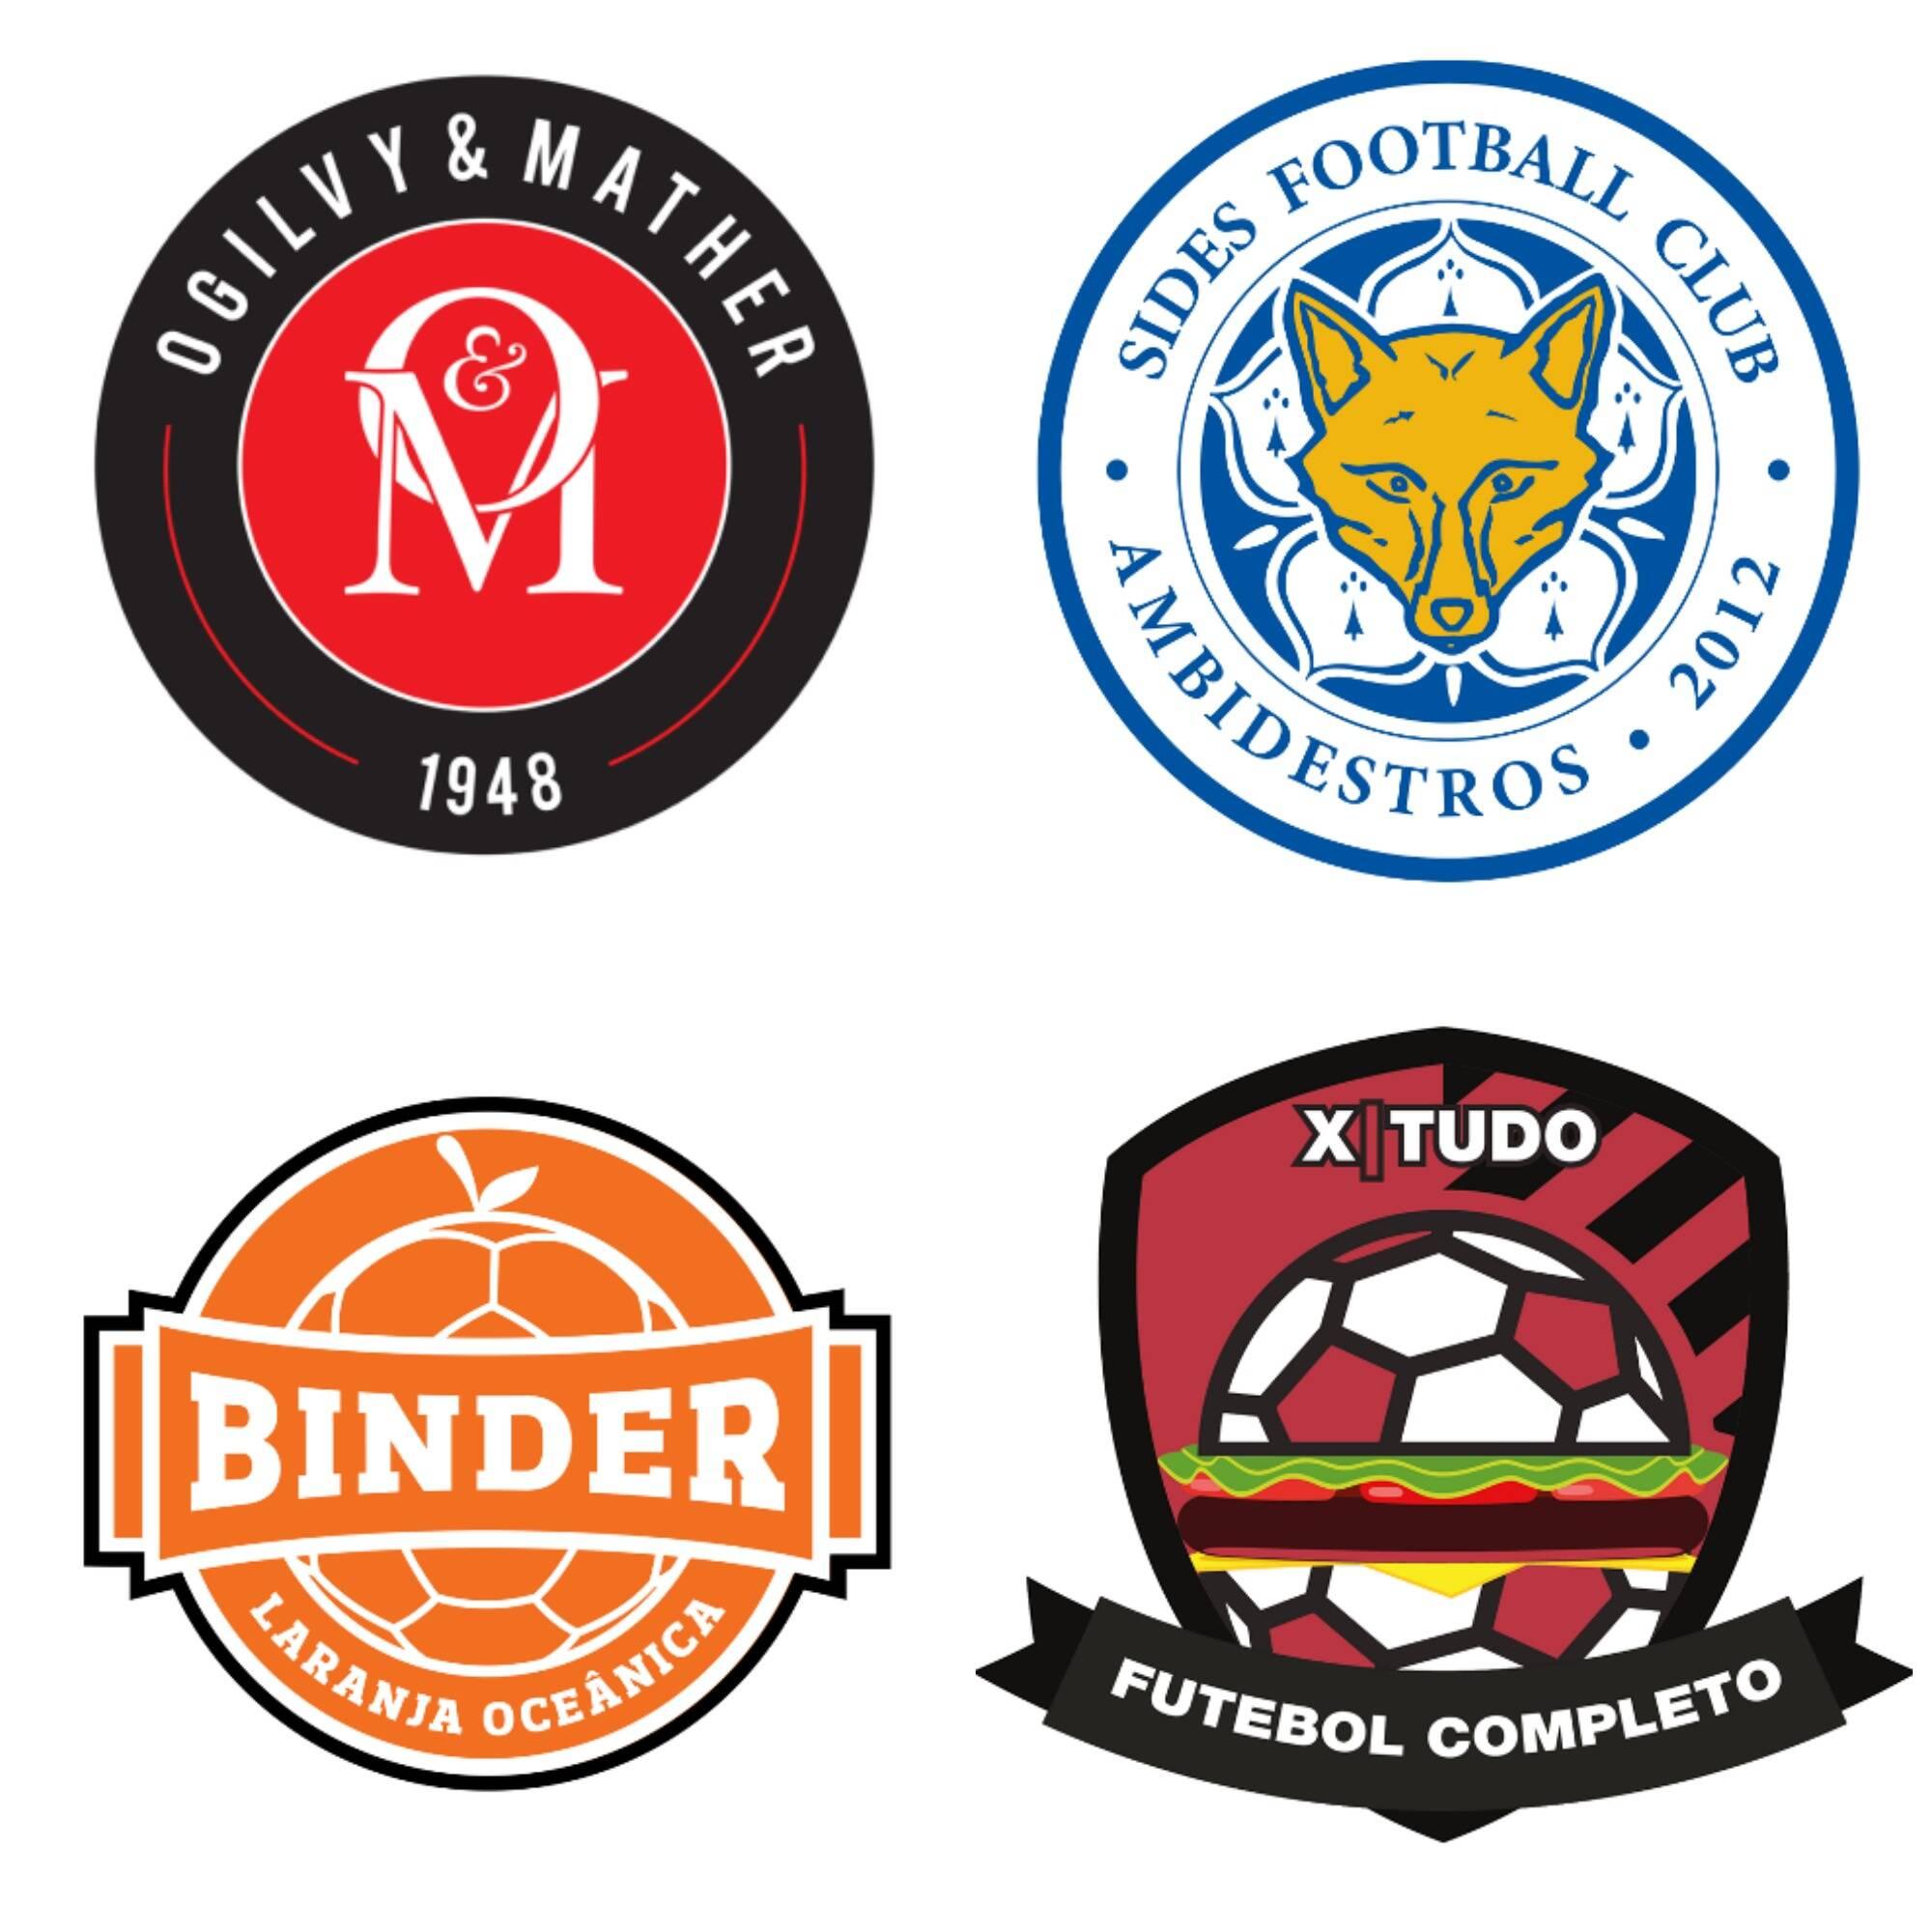 Os publicitários cariocas capricharam na criação de escudos para seus times de futebol / Fotos: divulgação